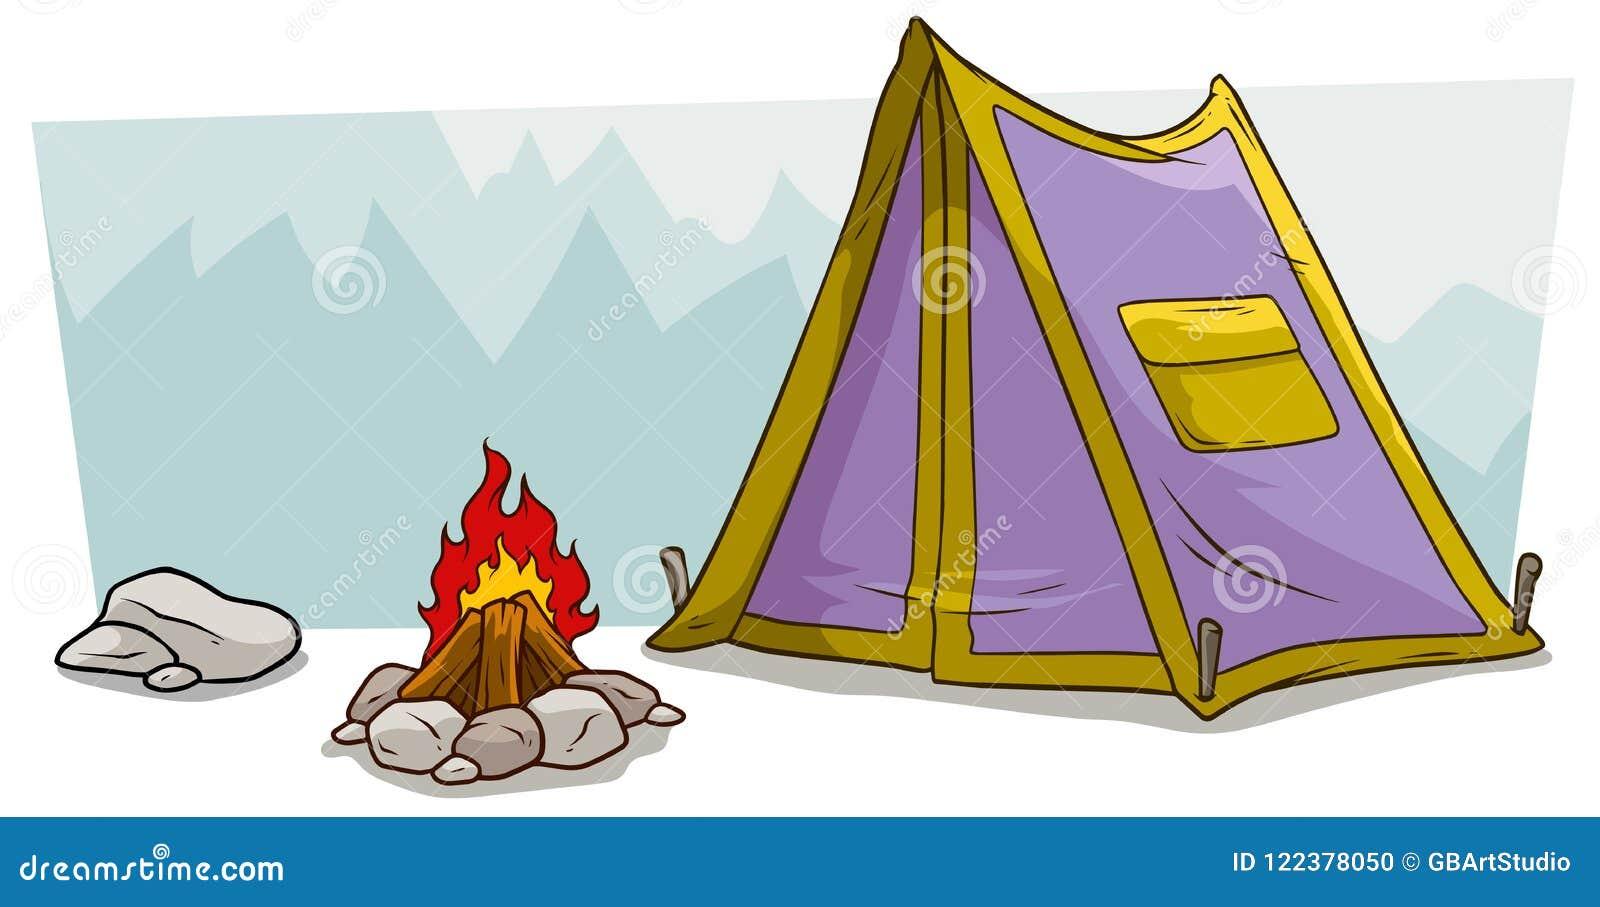 Шатер и лагерный костер шаржа располагаясь лагерем против горы